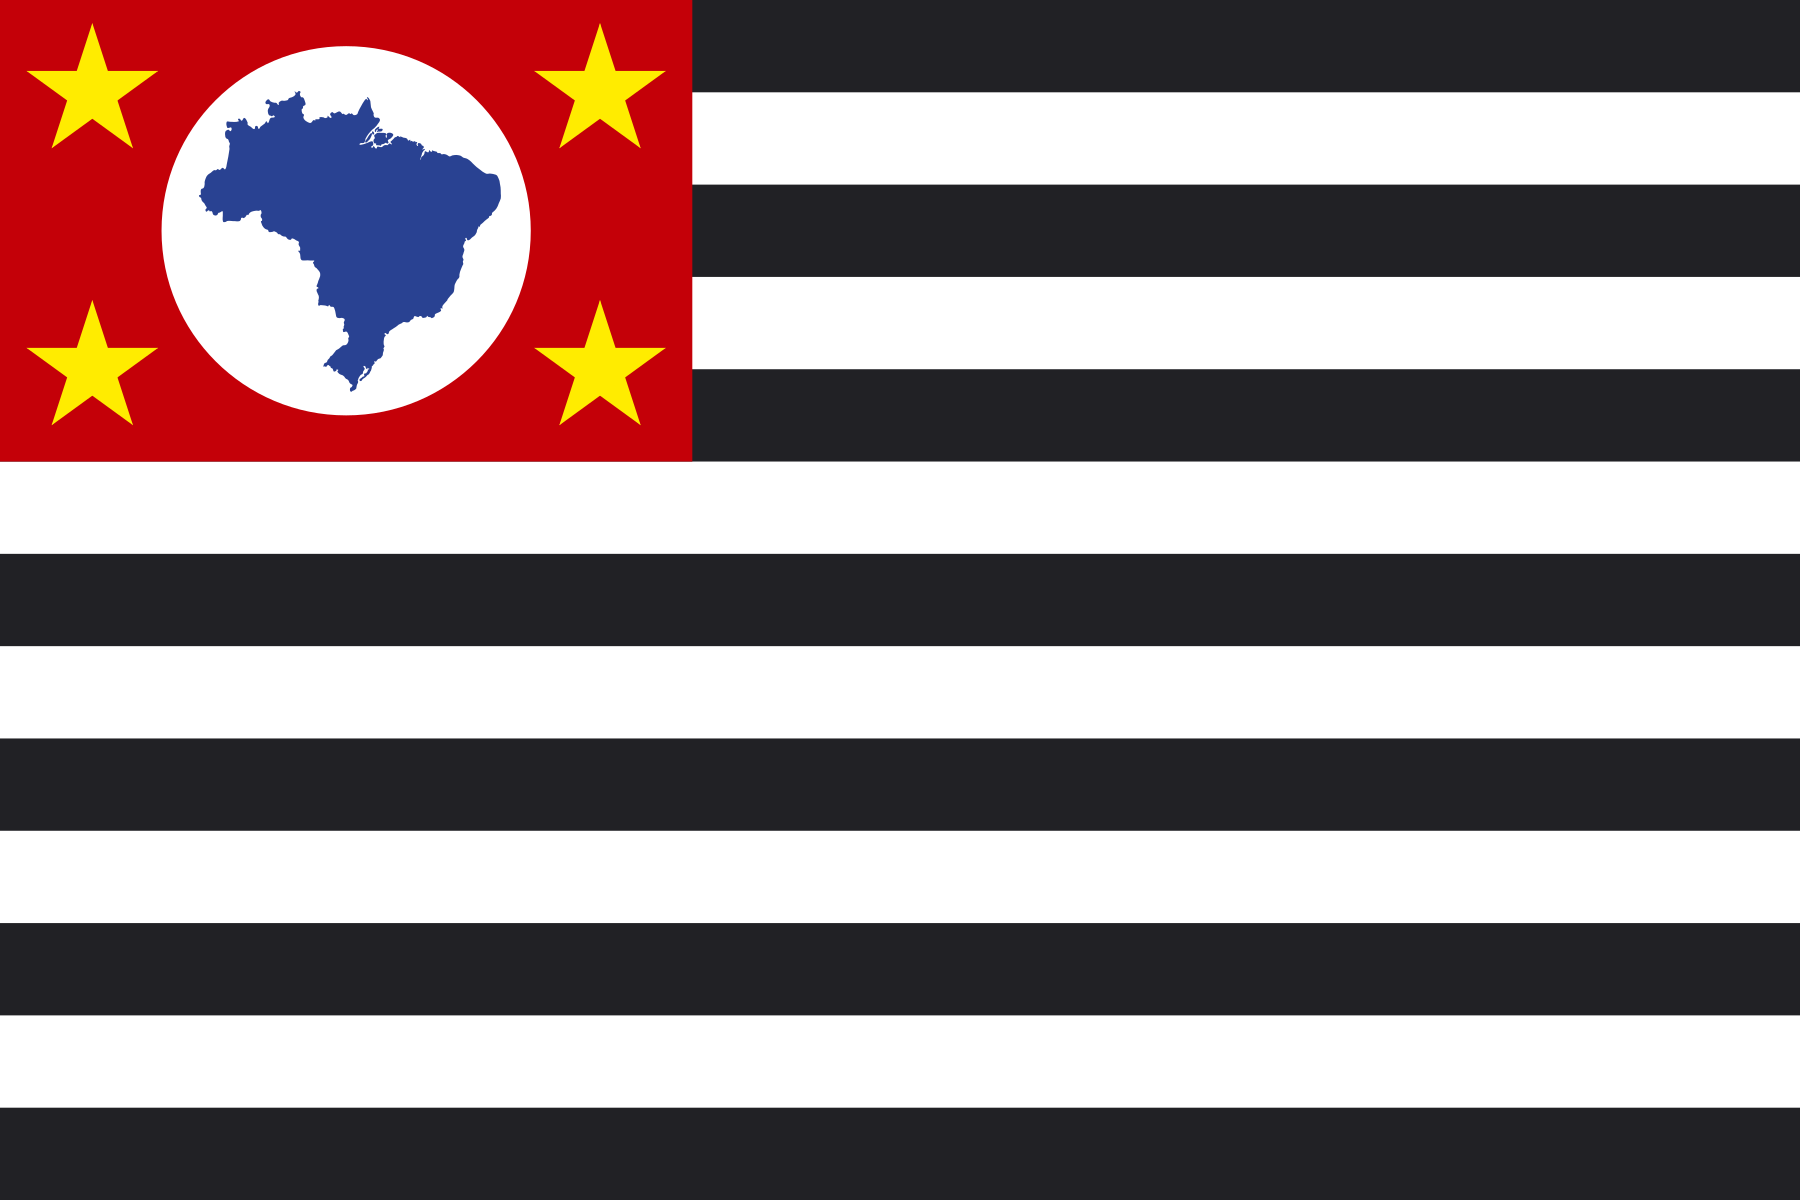 bandeira-do-estado-de-sao-paulo-2